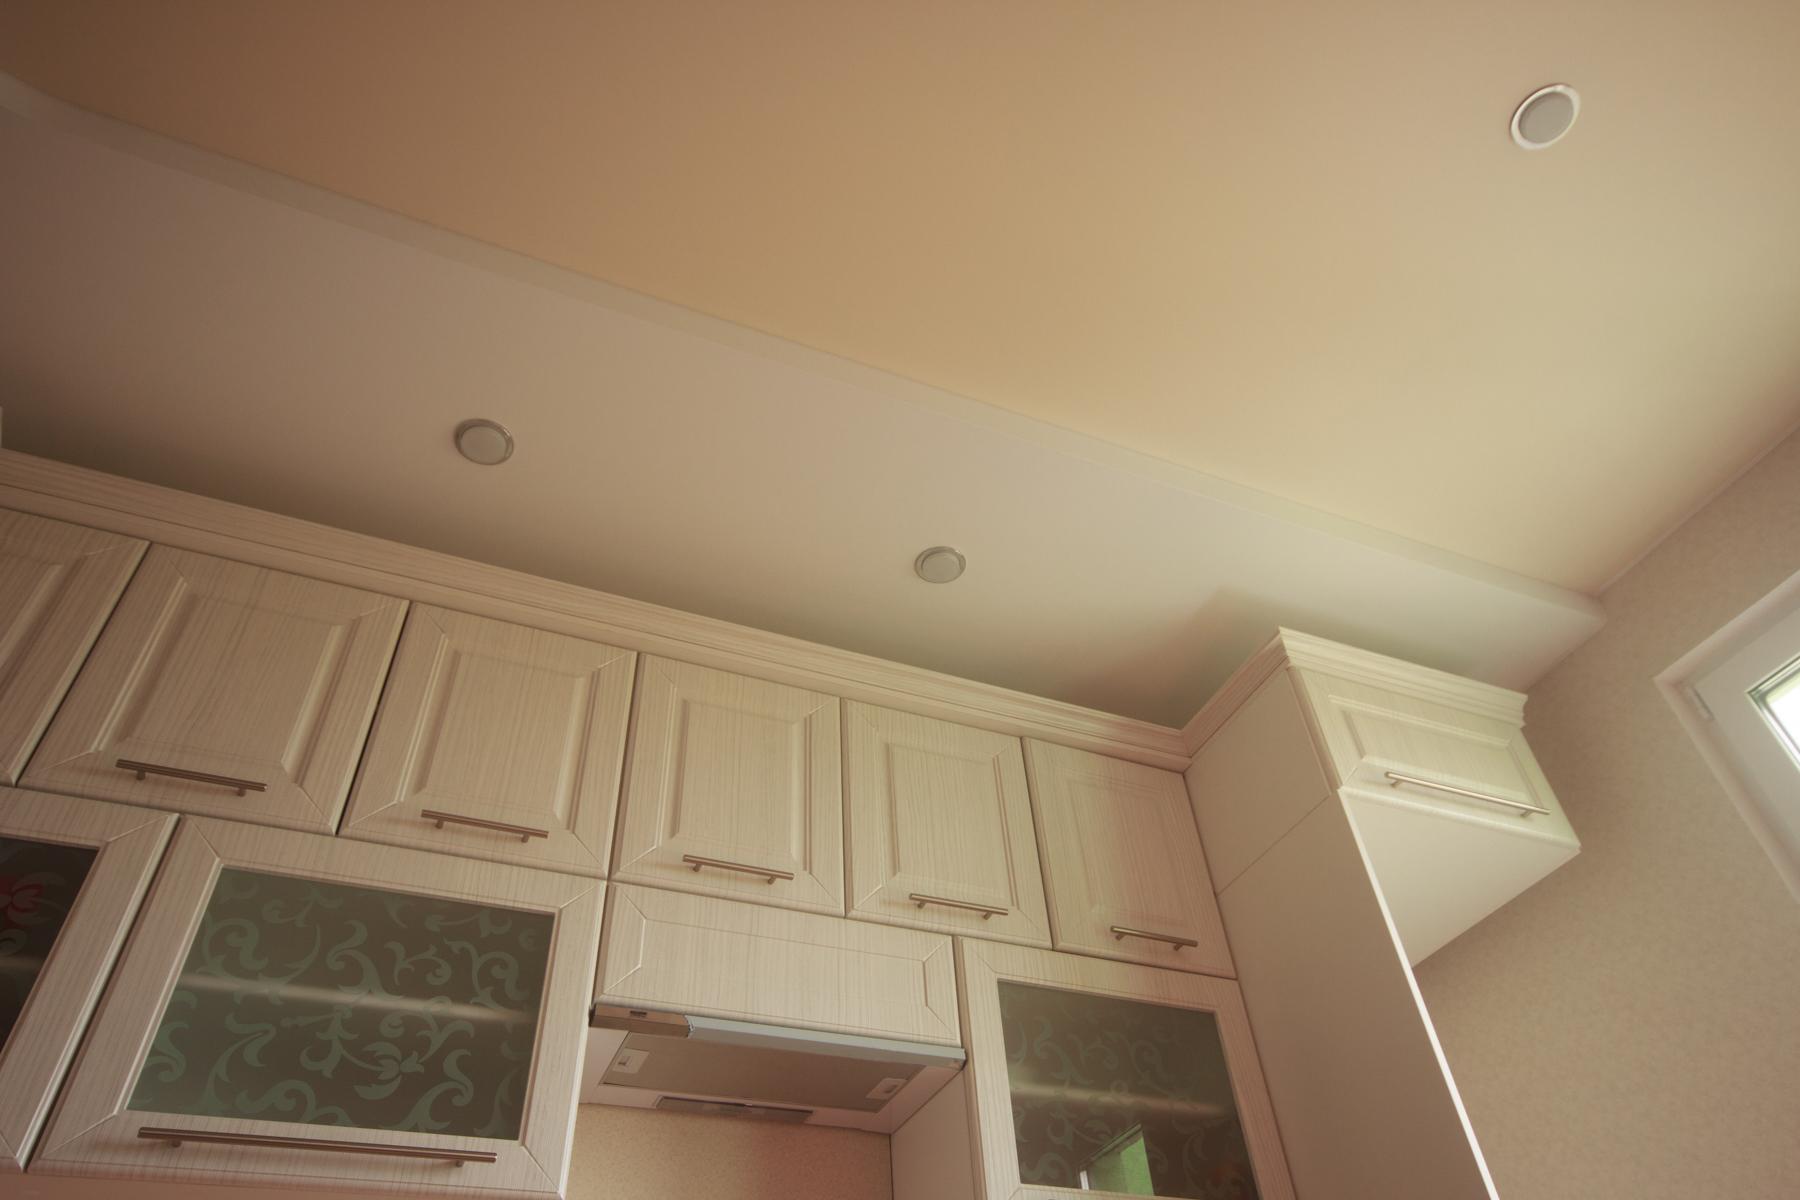 Двухуровневый натяжной потолок для кухни из матового полотна разных оттенков и встроенными светодиодными светильниками